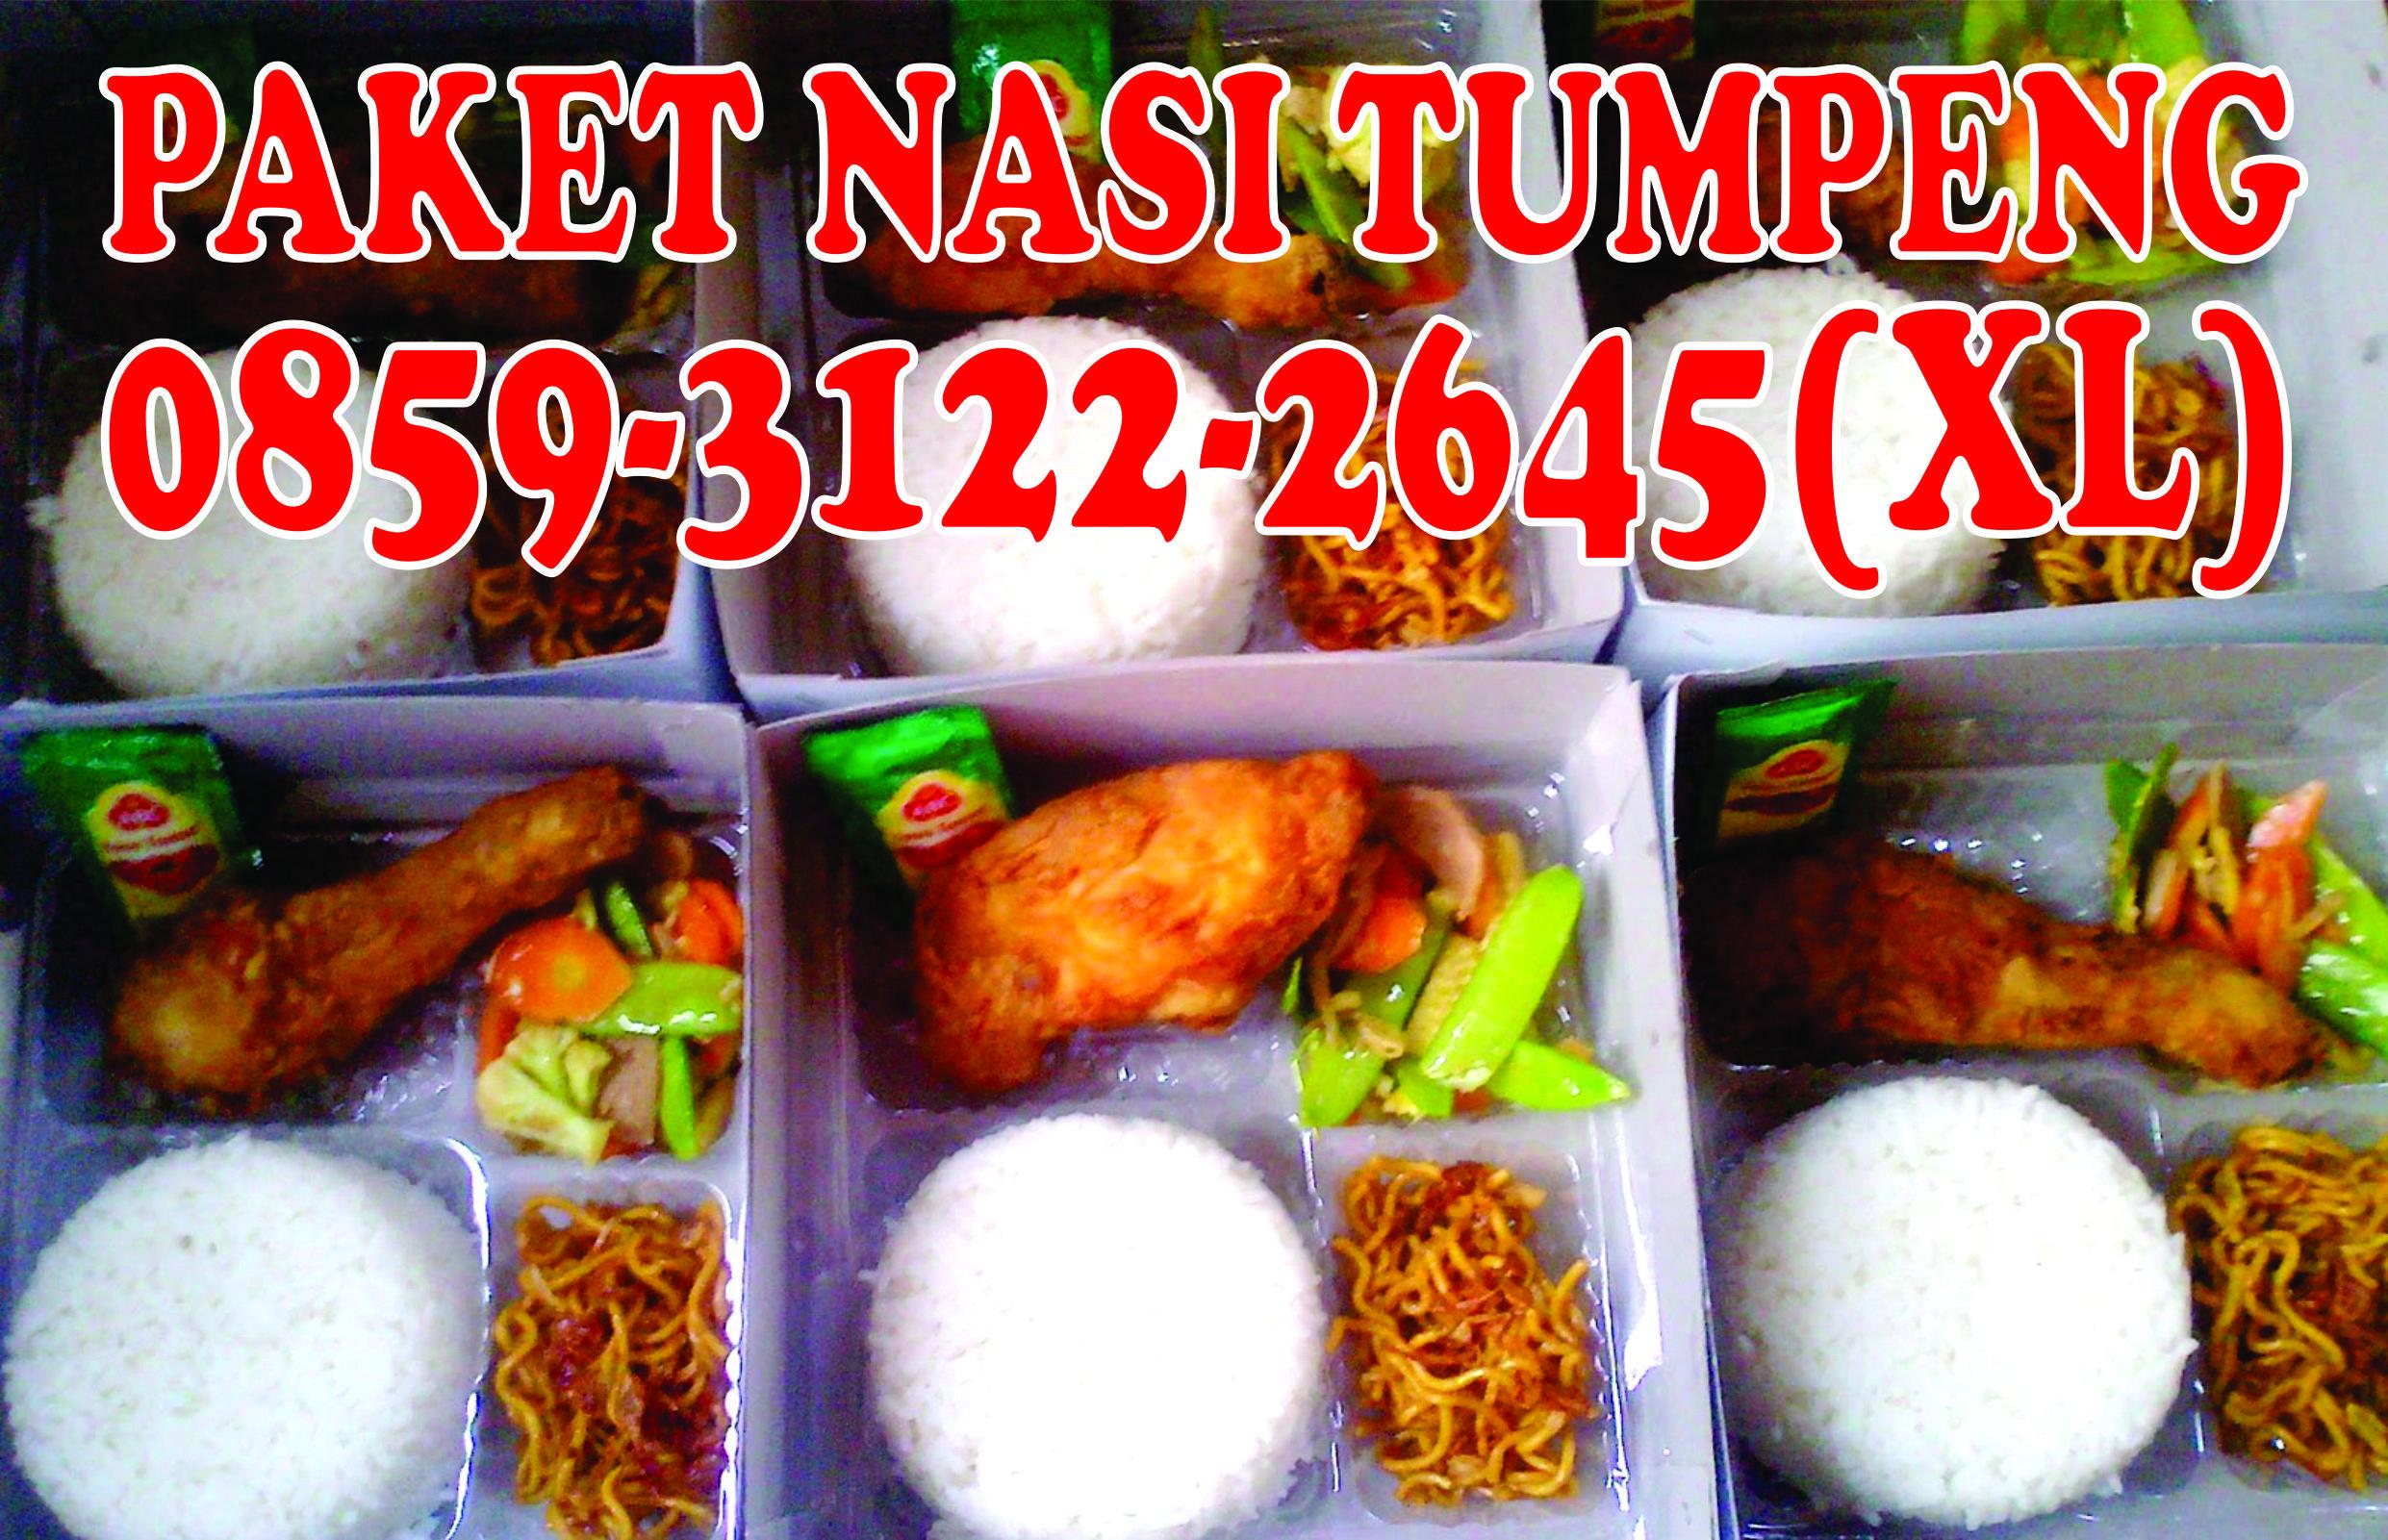 Tumpeng Mini Murah Surabaya Tumpeng Robyong Surabaya Tumpeng Anniversary Tumpeng Anak Tumpeng Adalah Tumpeng Atek Tumpeng Ayam Kukuk S Catering Ayam Nasi